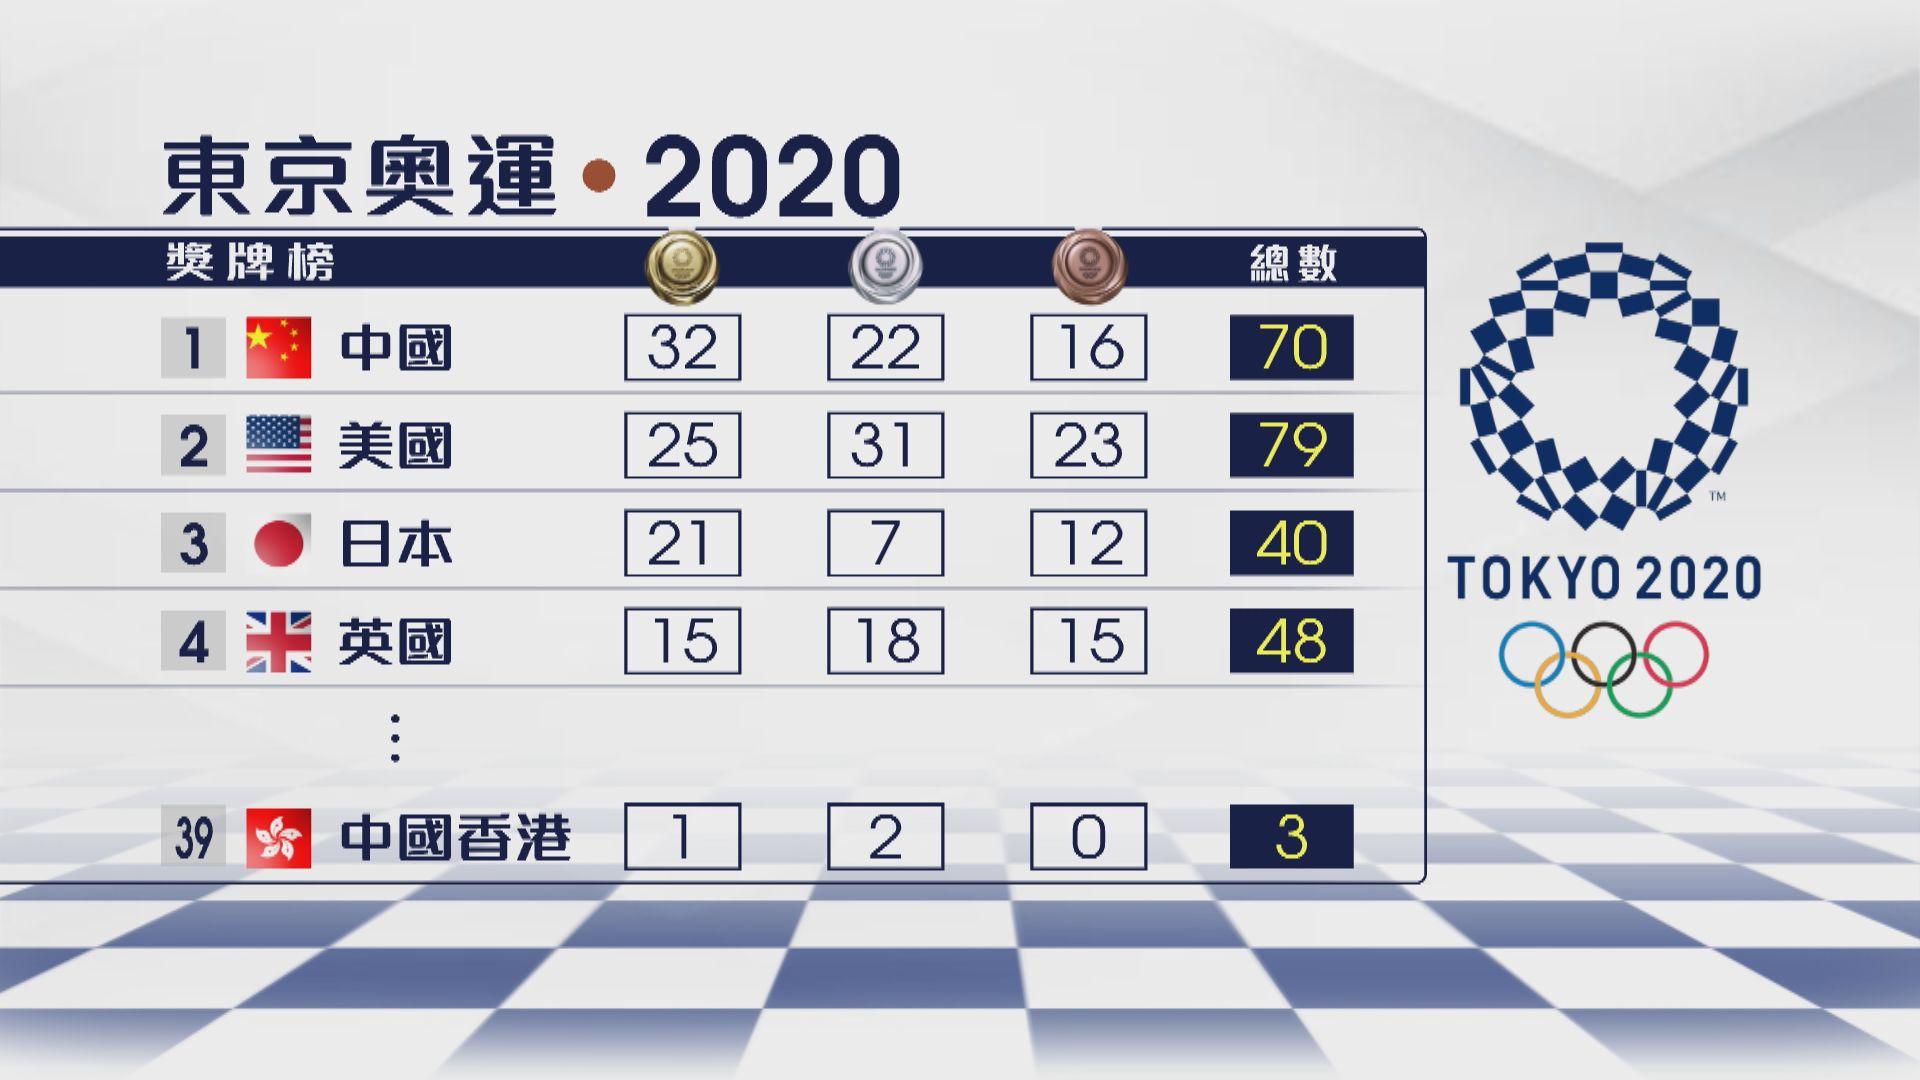 【奧運獎牌榜】國家隊續以32金排榜首 港隊排39位